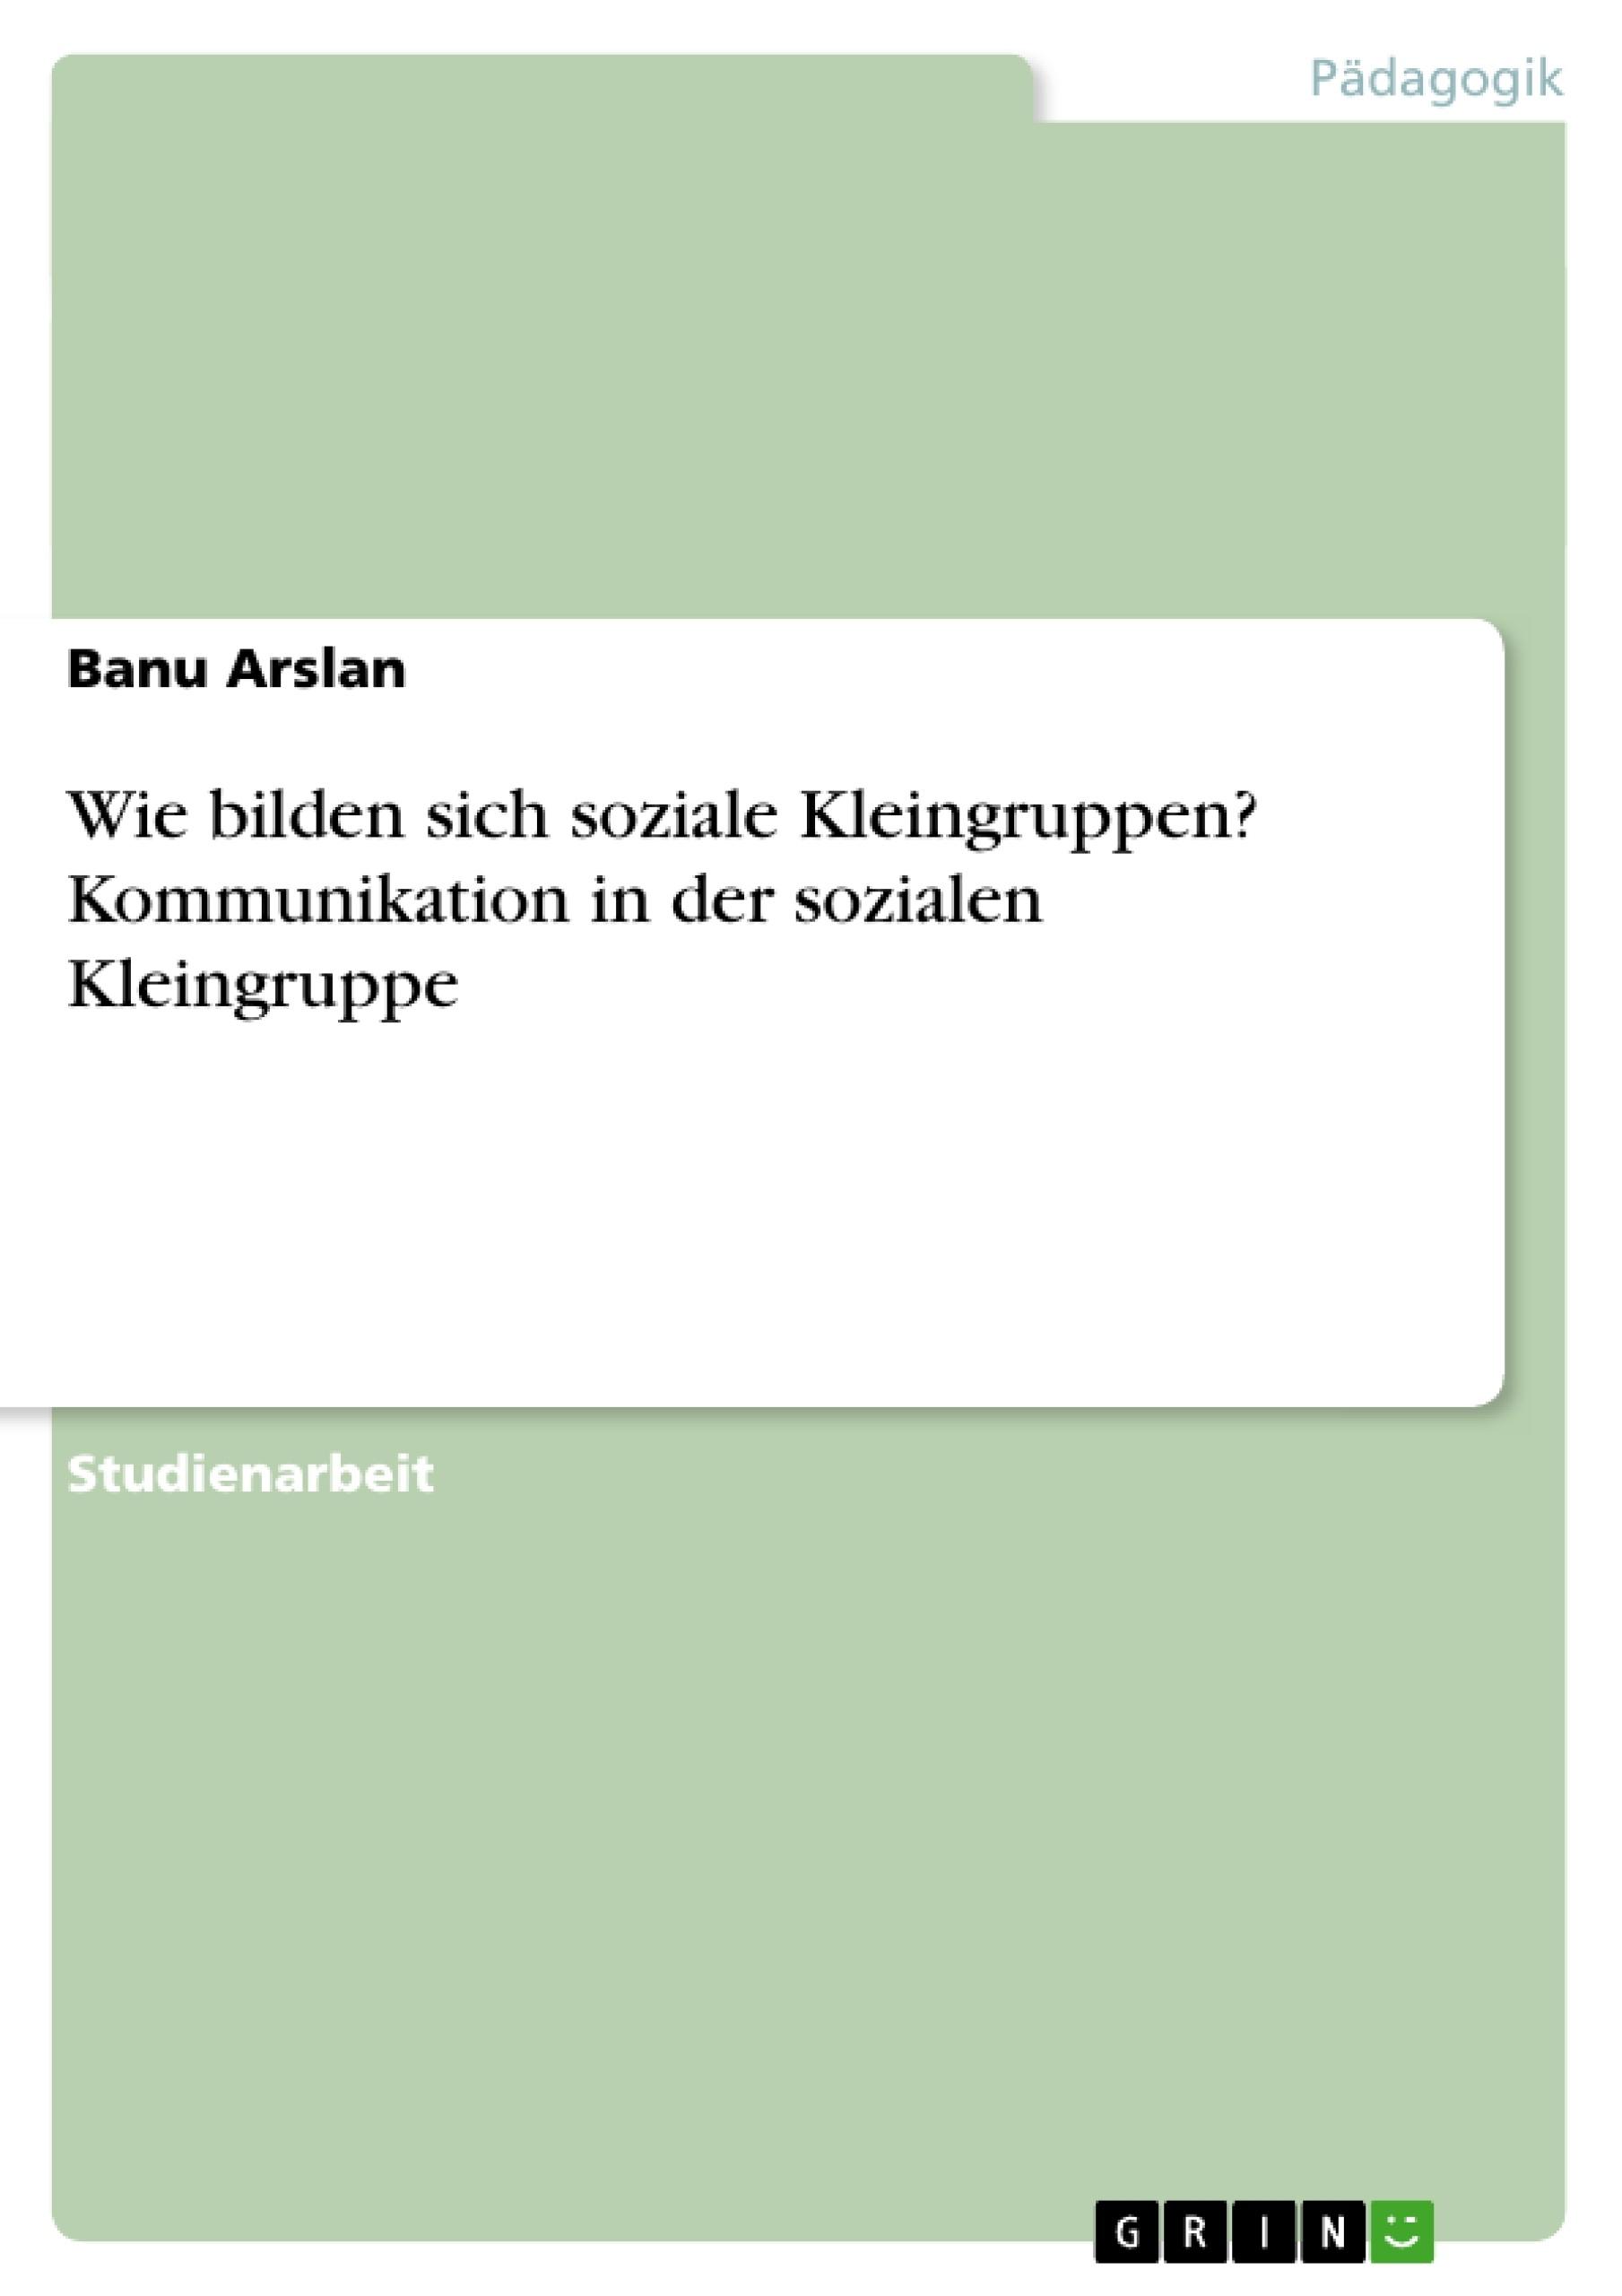 Titel: Wie bilden sich soziale Kleingruppen? Kommunikation in der sozialen Kleingruppe